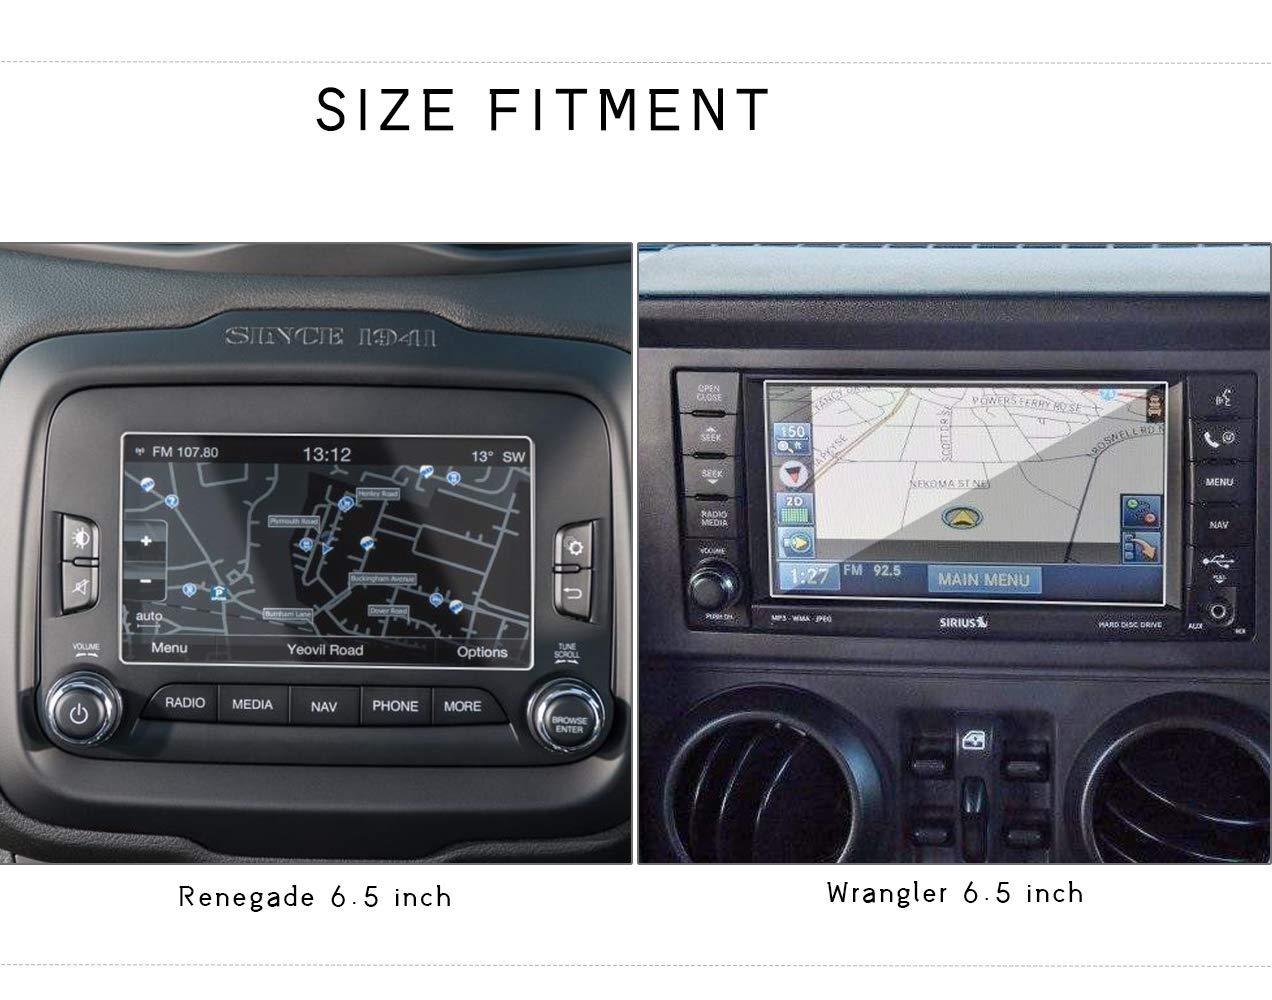 9H Proteggi Trasparente LITTOU 6.5 Inch Antigraffio Proteggi Schermo in Vetro Temperato per Renegade Wrangler Sistema di Navigazione GPS